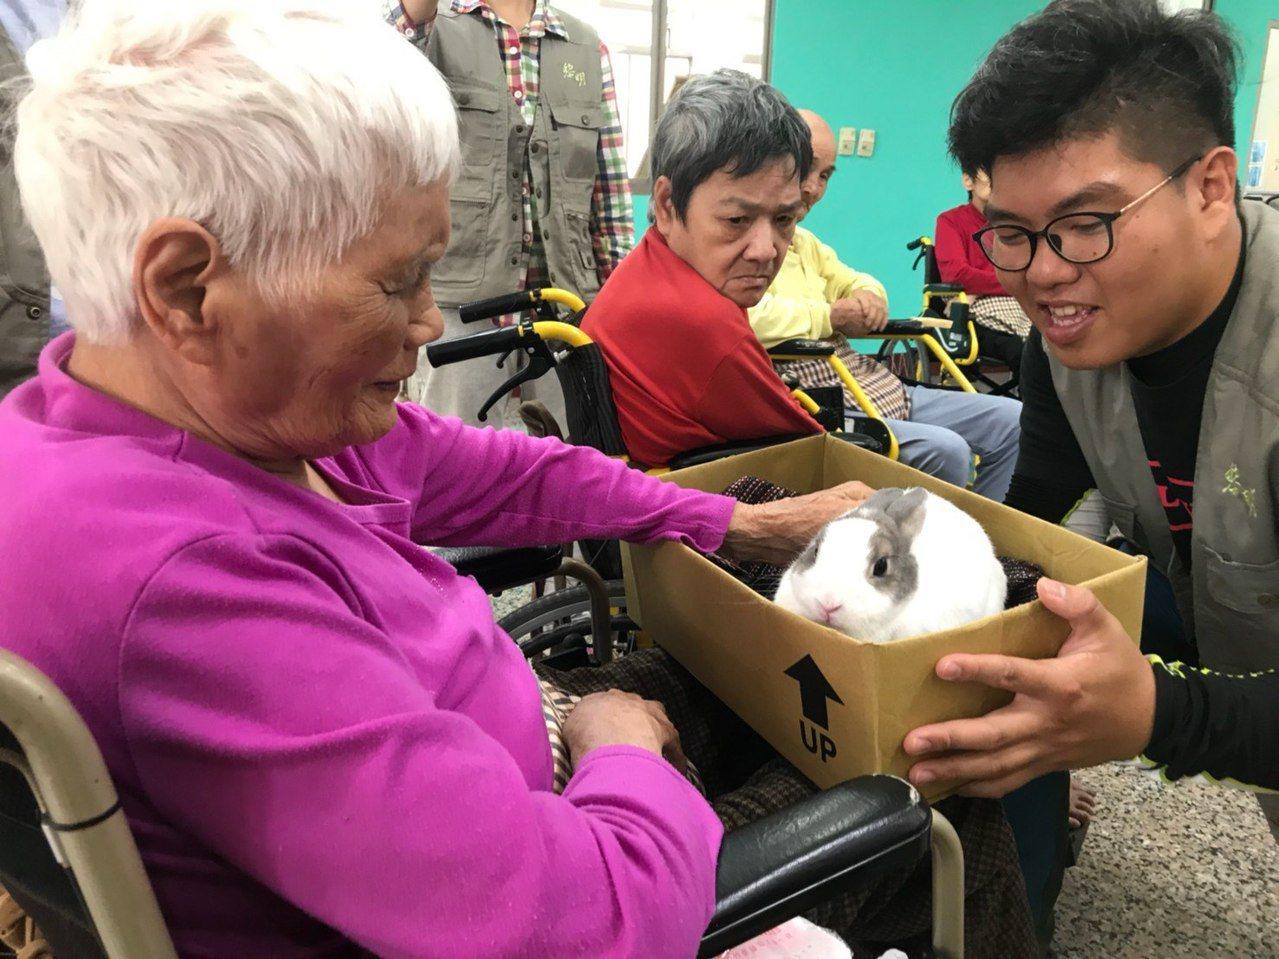 向陽園工作人員曾讓兔子坐在鋪上毛毯的箱子裡,降低不安感,讓長輩們撫摸,達到療癒功...